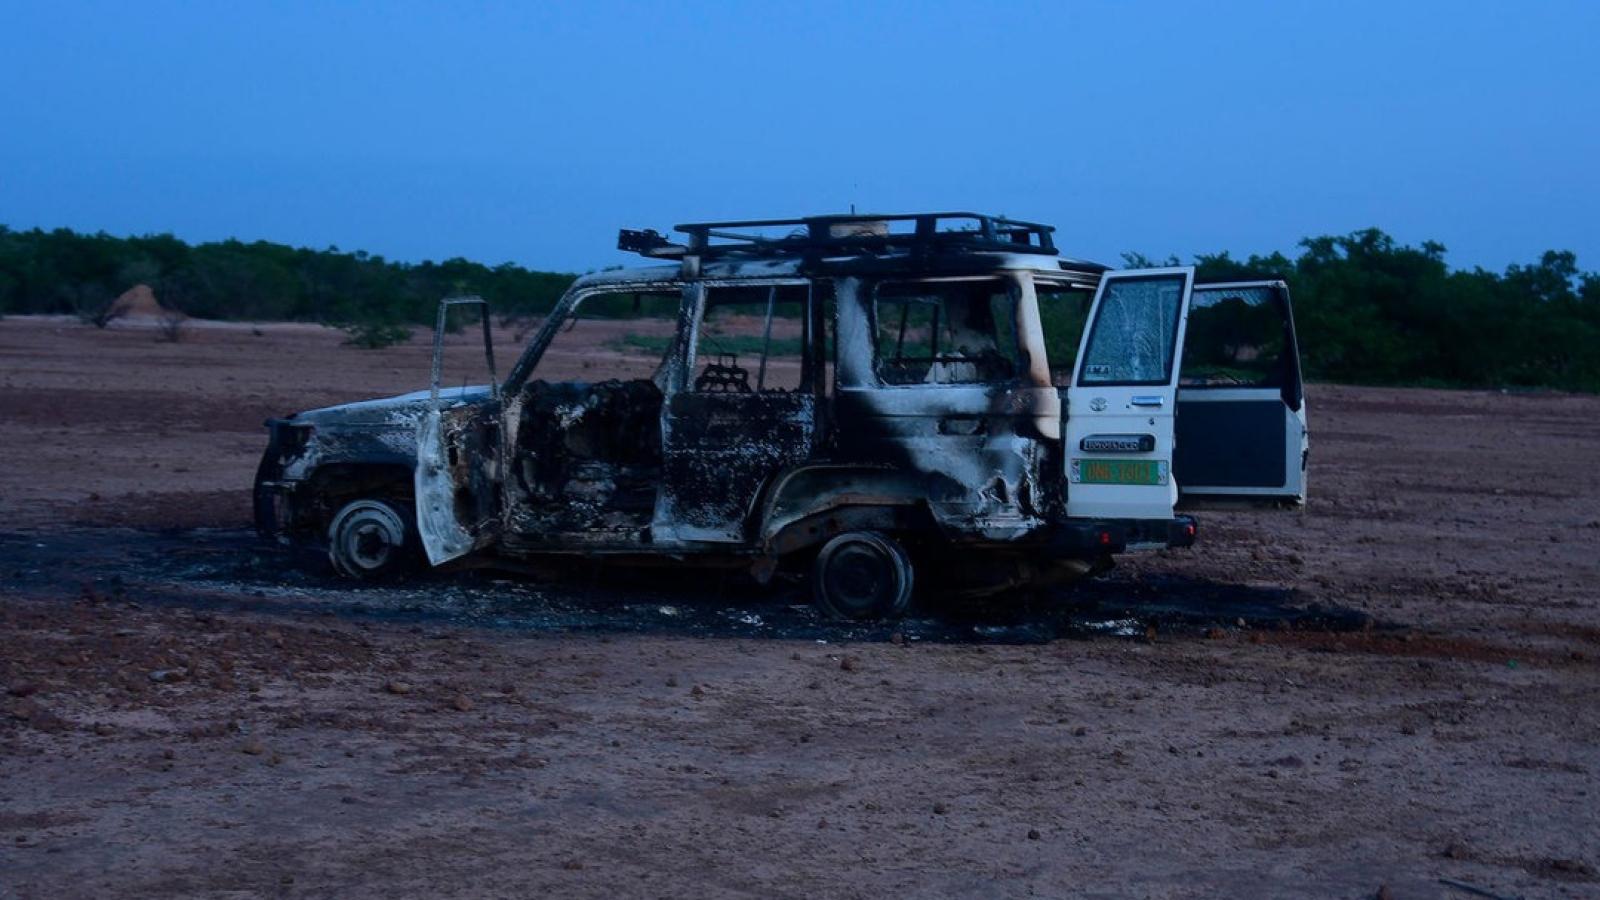 Tổ chức IS nhận trách nhiệm về vụ sát hại 6 người Pháp tại Niger